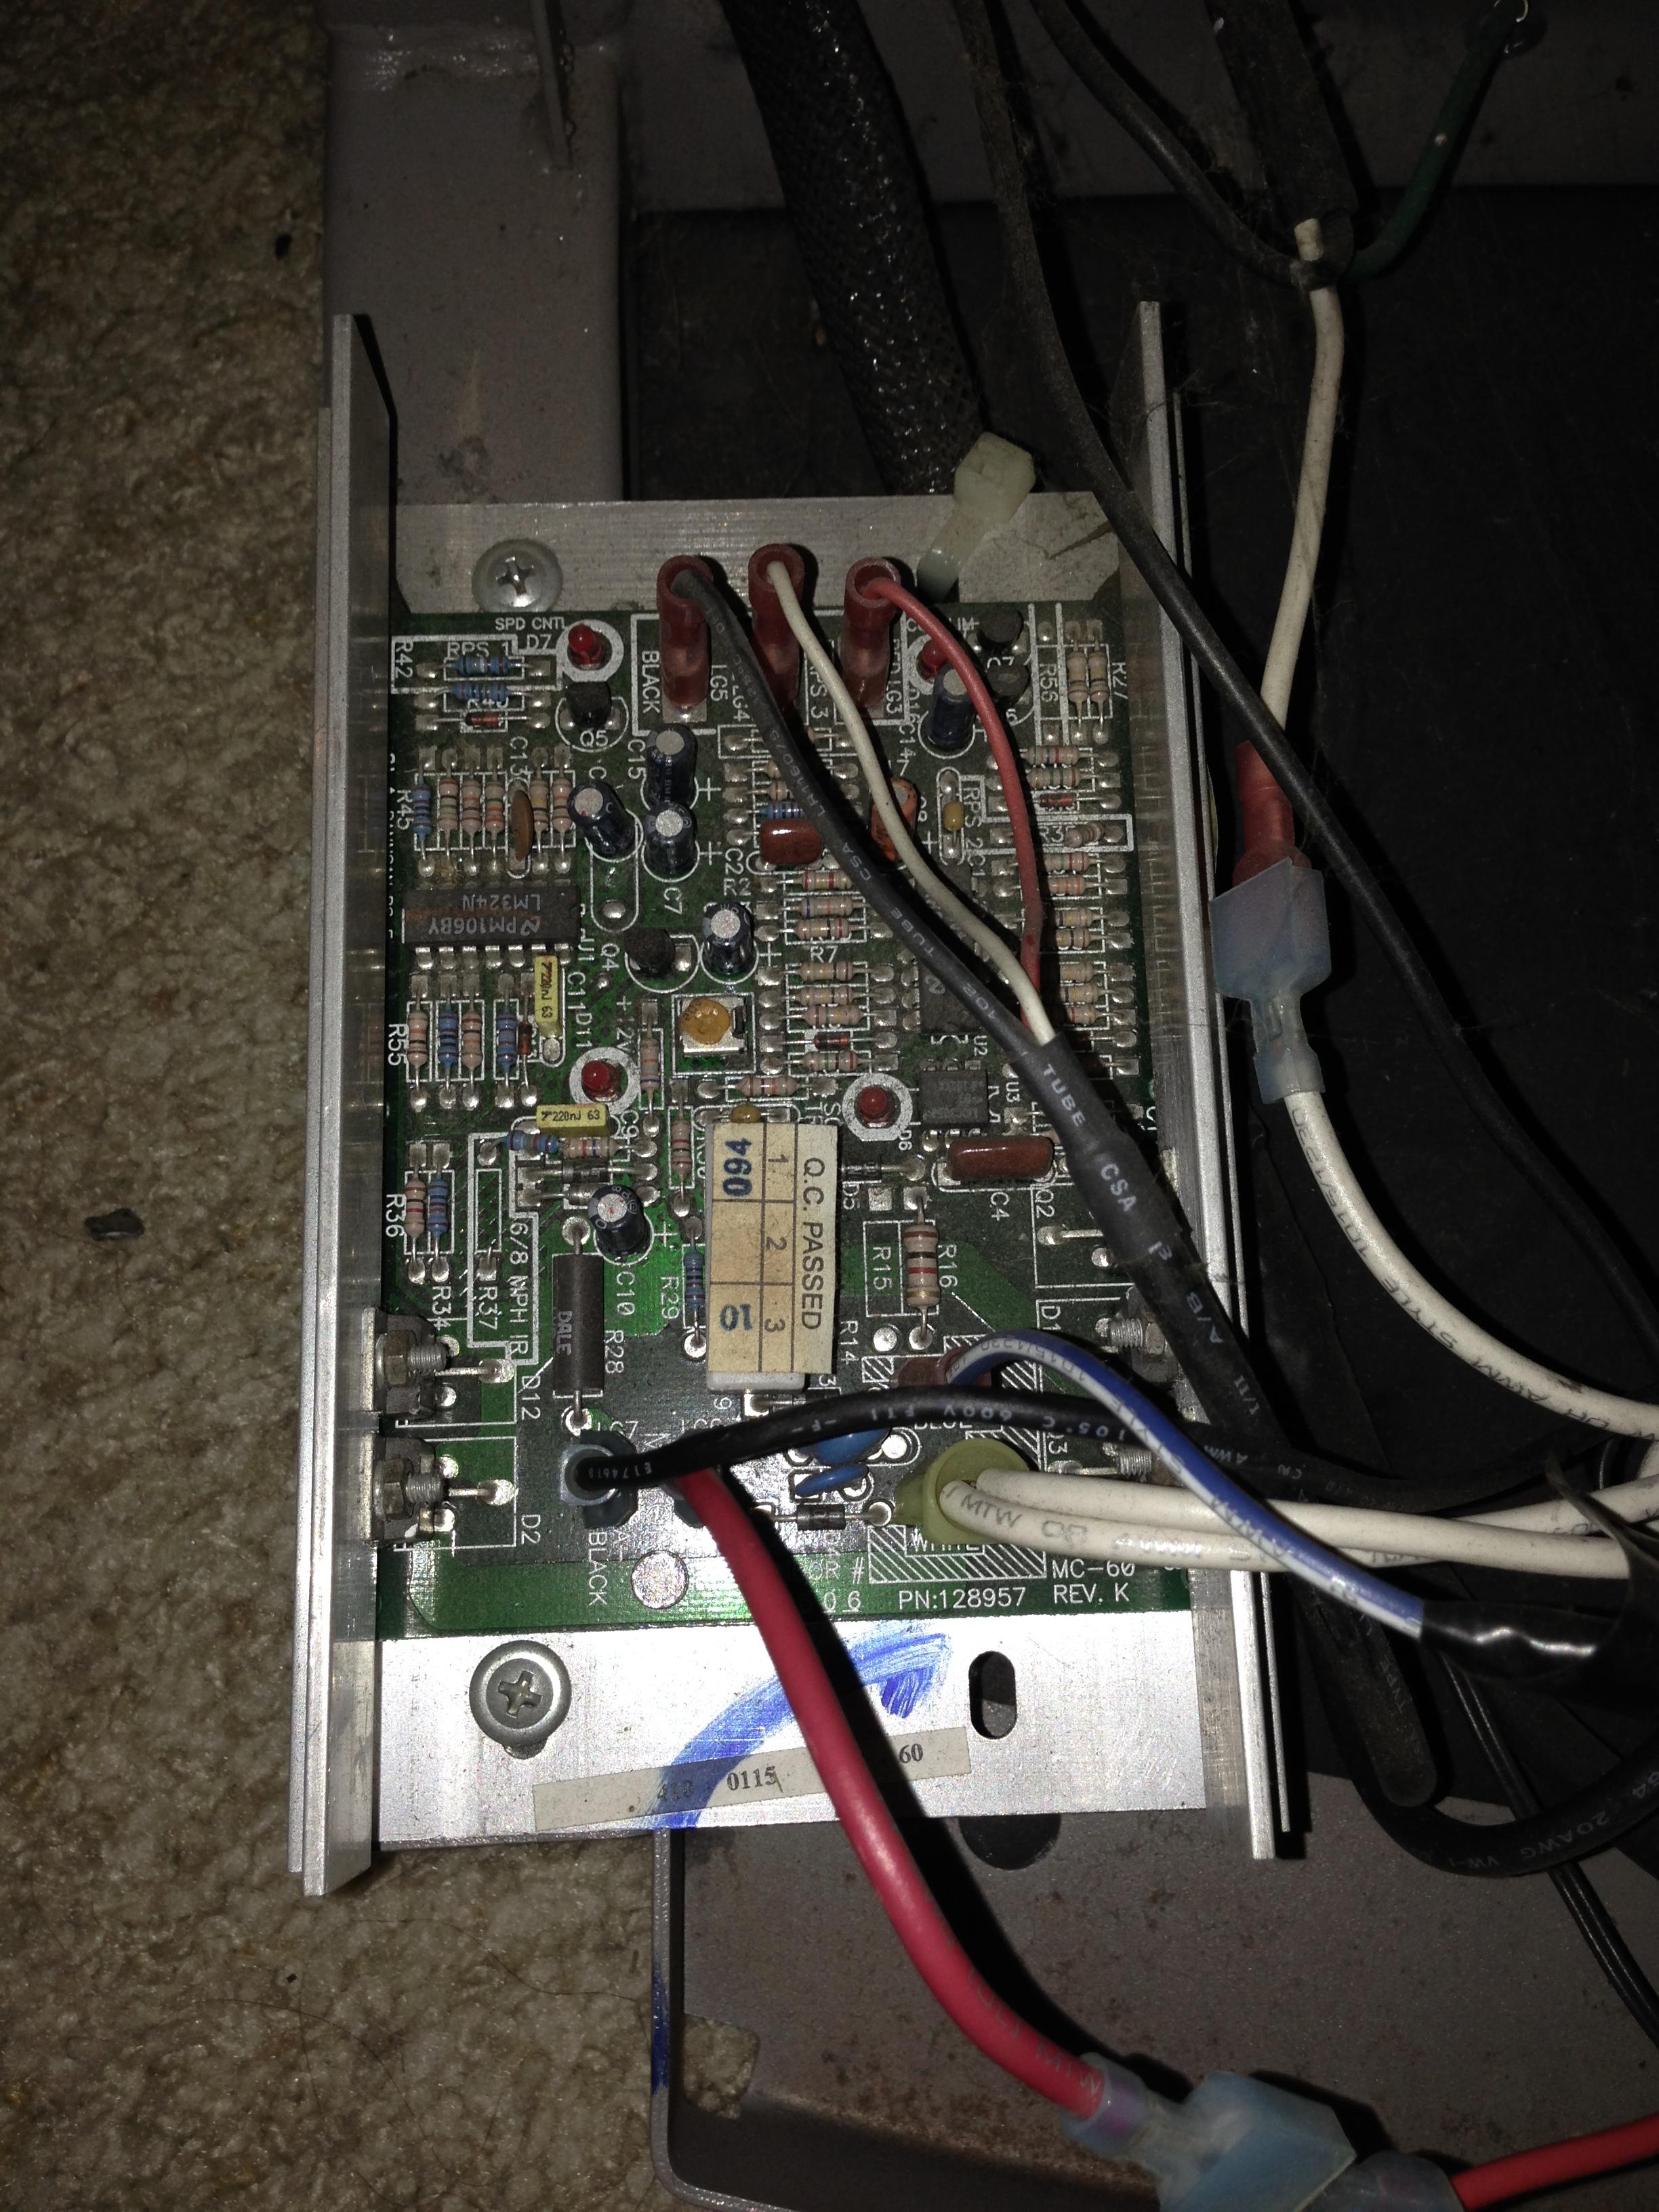 kenwood mc60 wiring diagram trusted wiring diagram 4 pin cb wiring diagram cb radio mic [ 2448 x 3264 Pixel ]